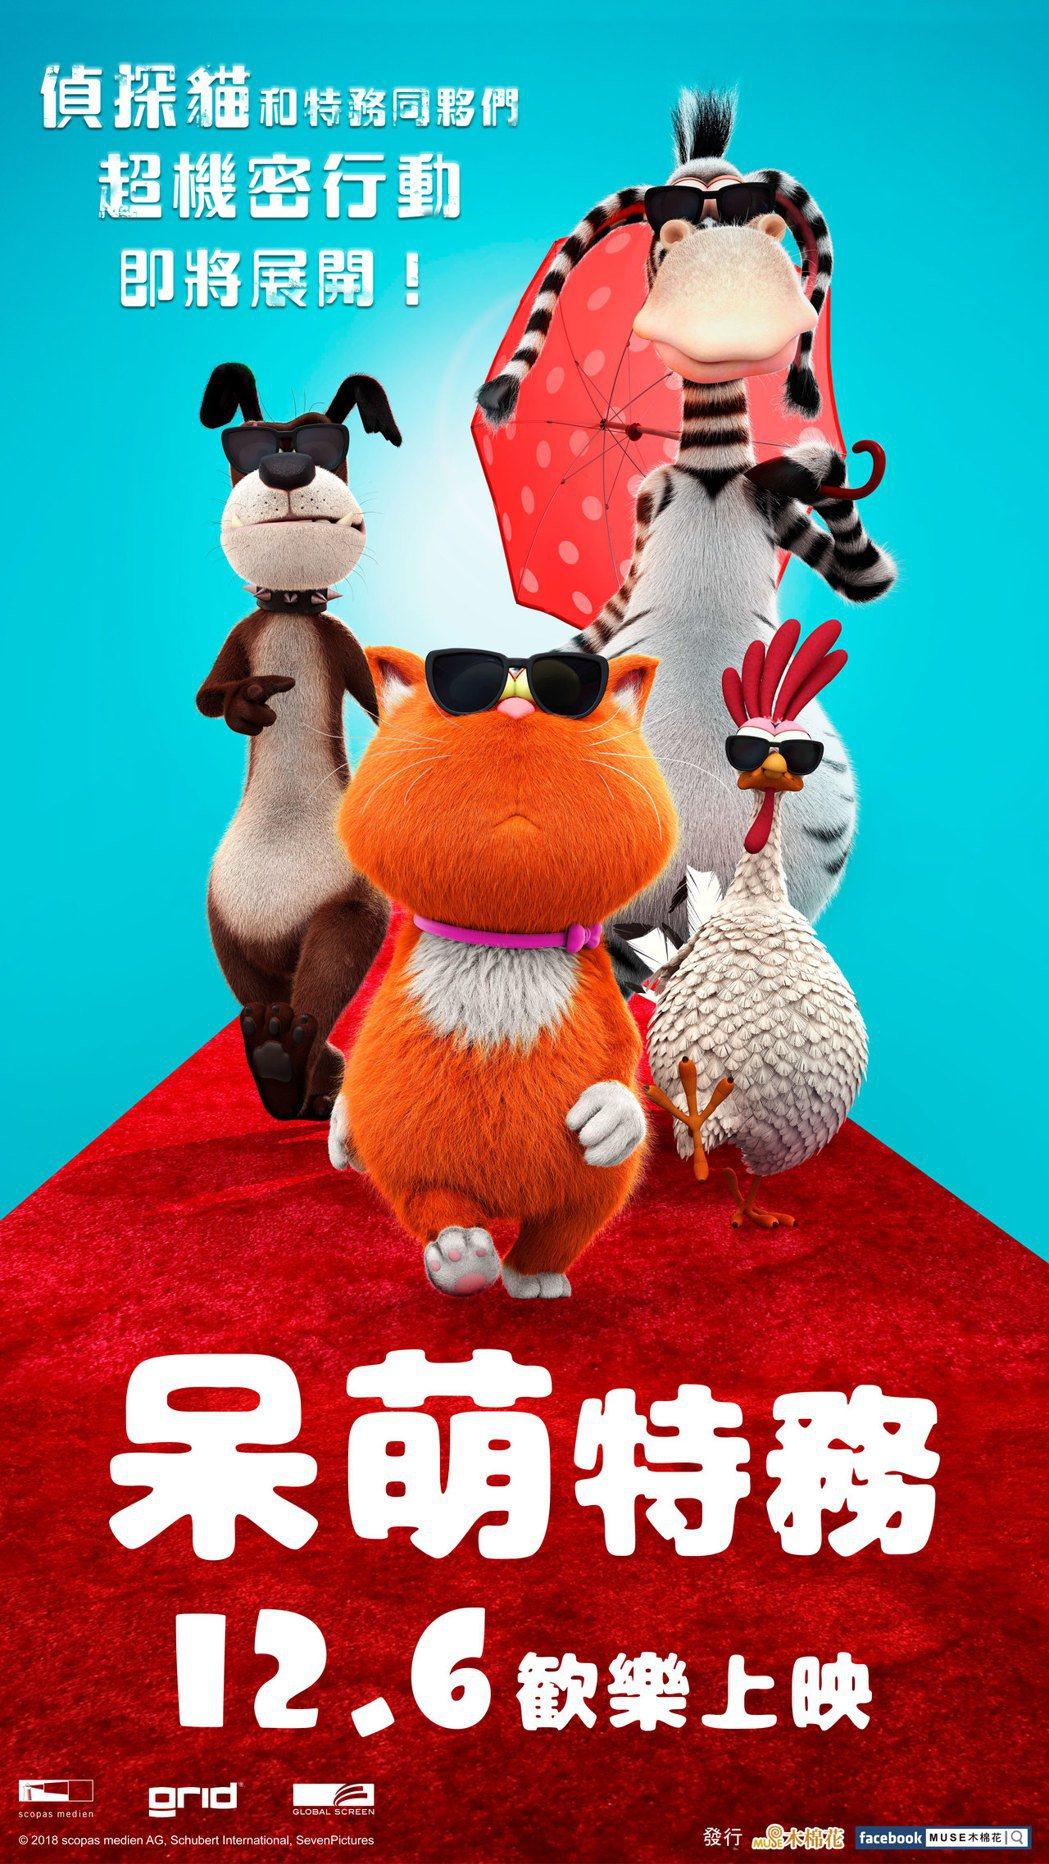 《呆萌特務》中文版海報非常討喜。圖/木棉花提供